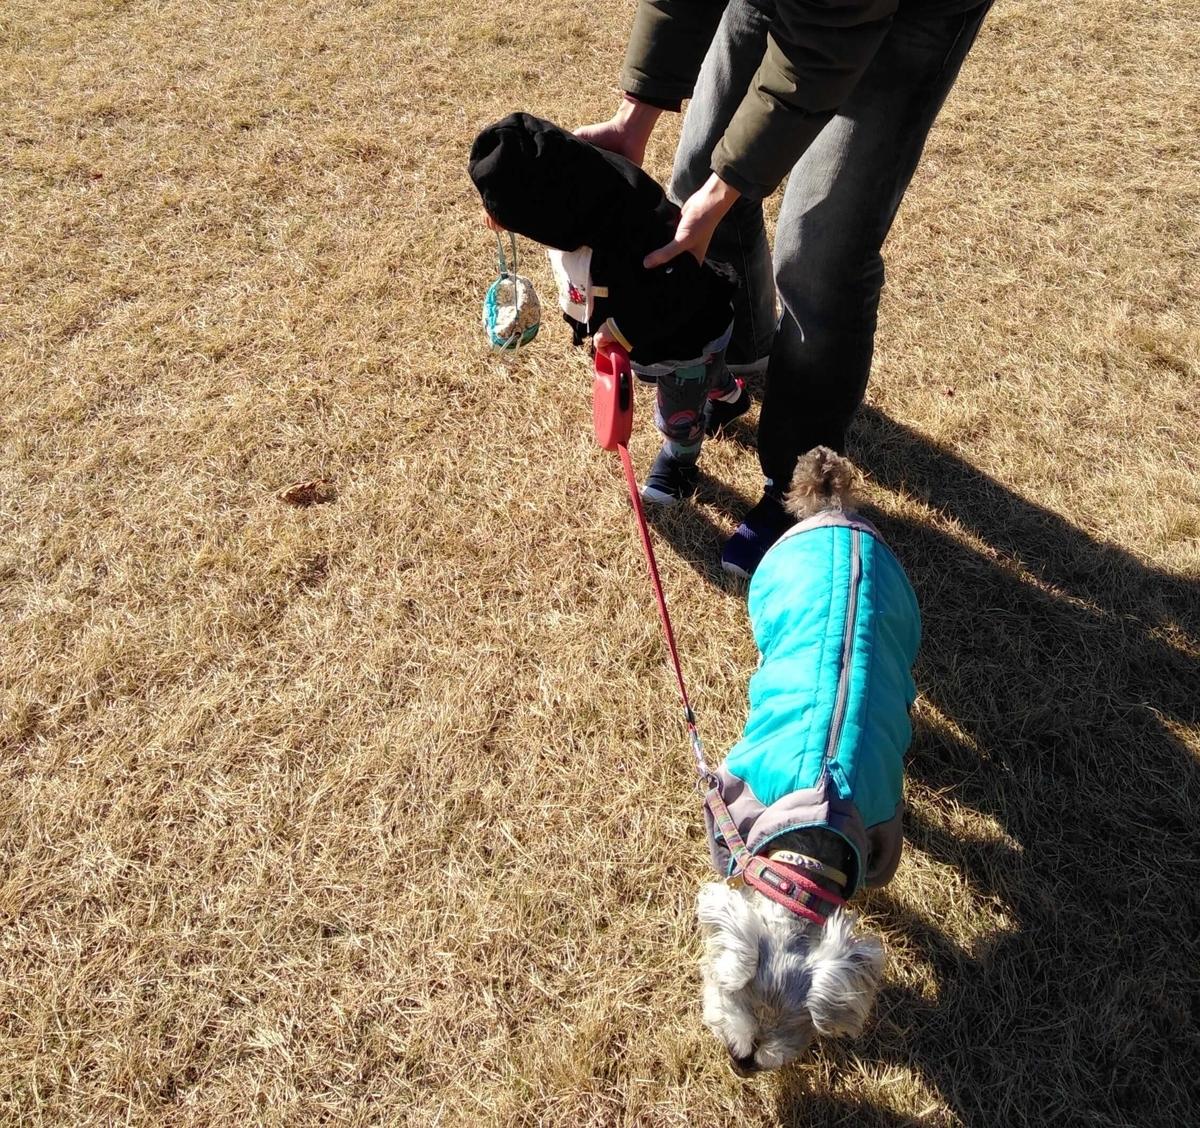 愛知県内でペットとお出かけ:愛知県森林公園 子どもとワンコ